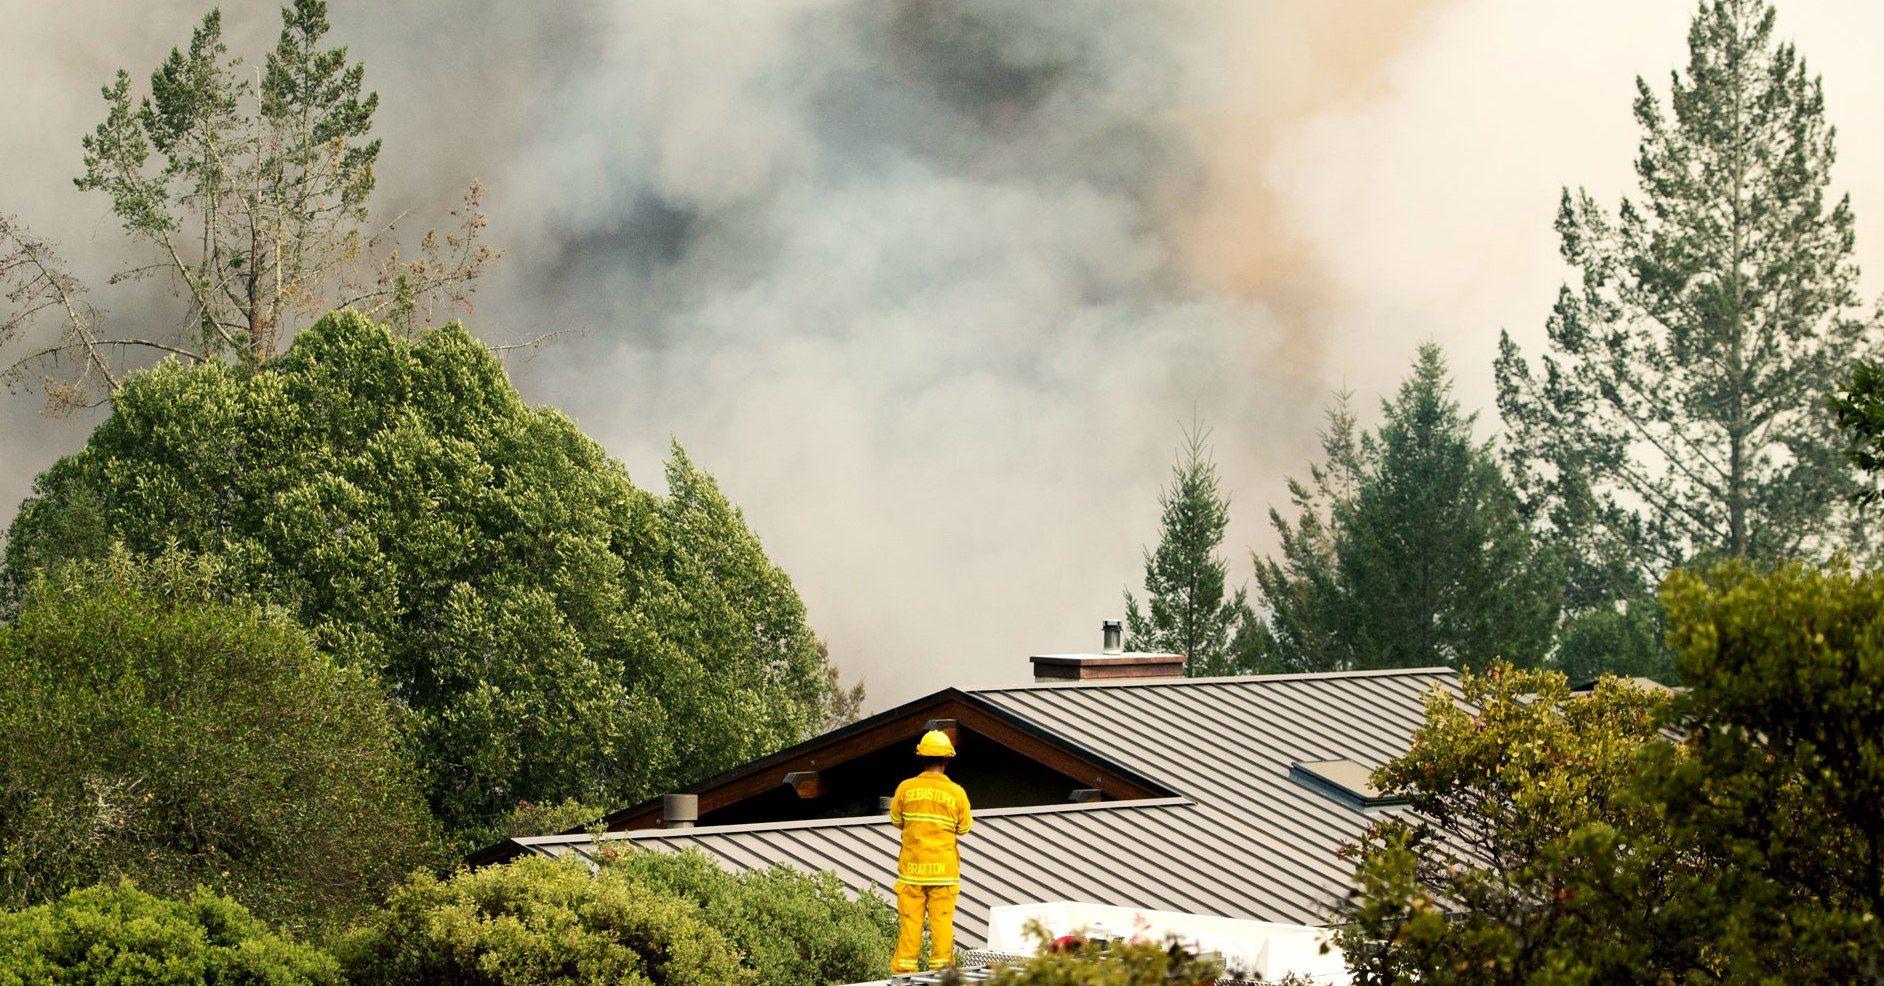 Stay Inside, Californians Wildfire Smoke Is No Joke